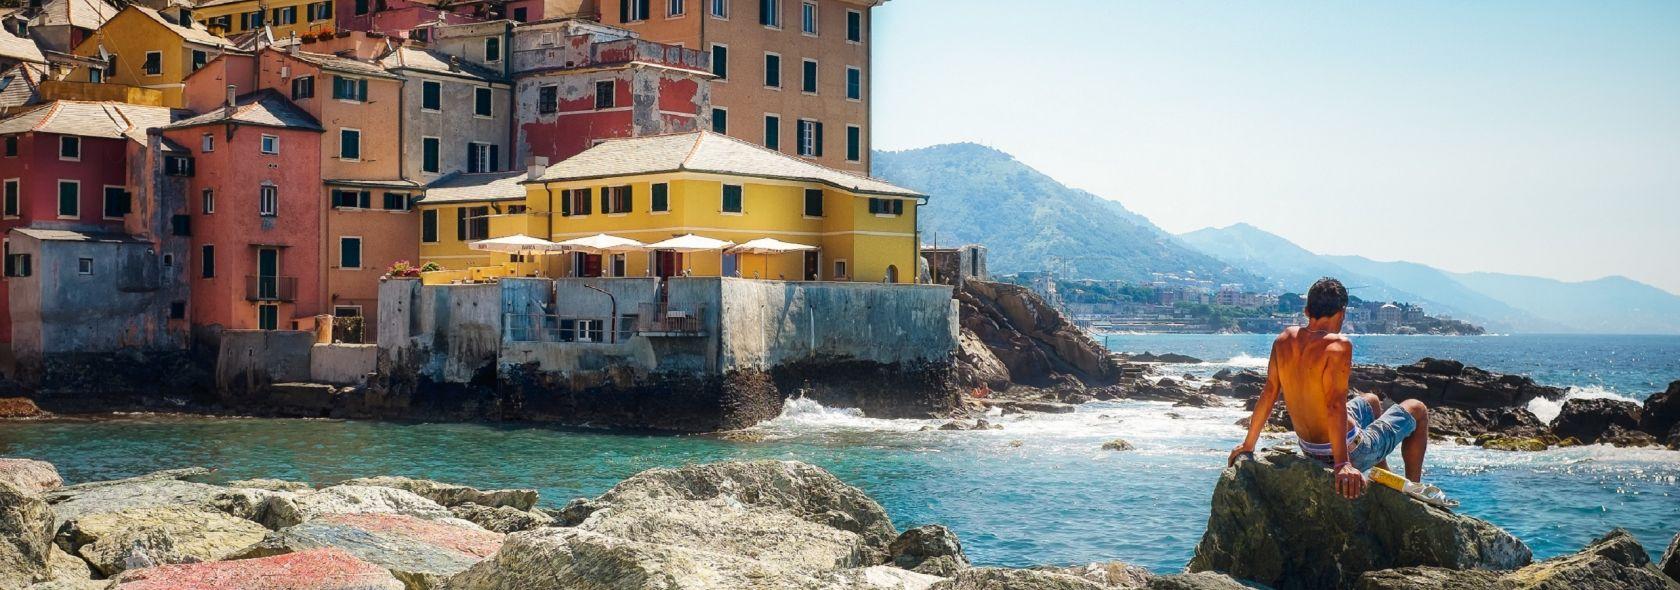 Das meer und die Strände: Boccadasse - ©Adobestock-Liguriadigitale